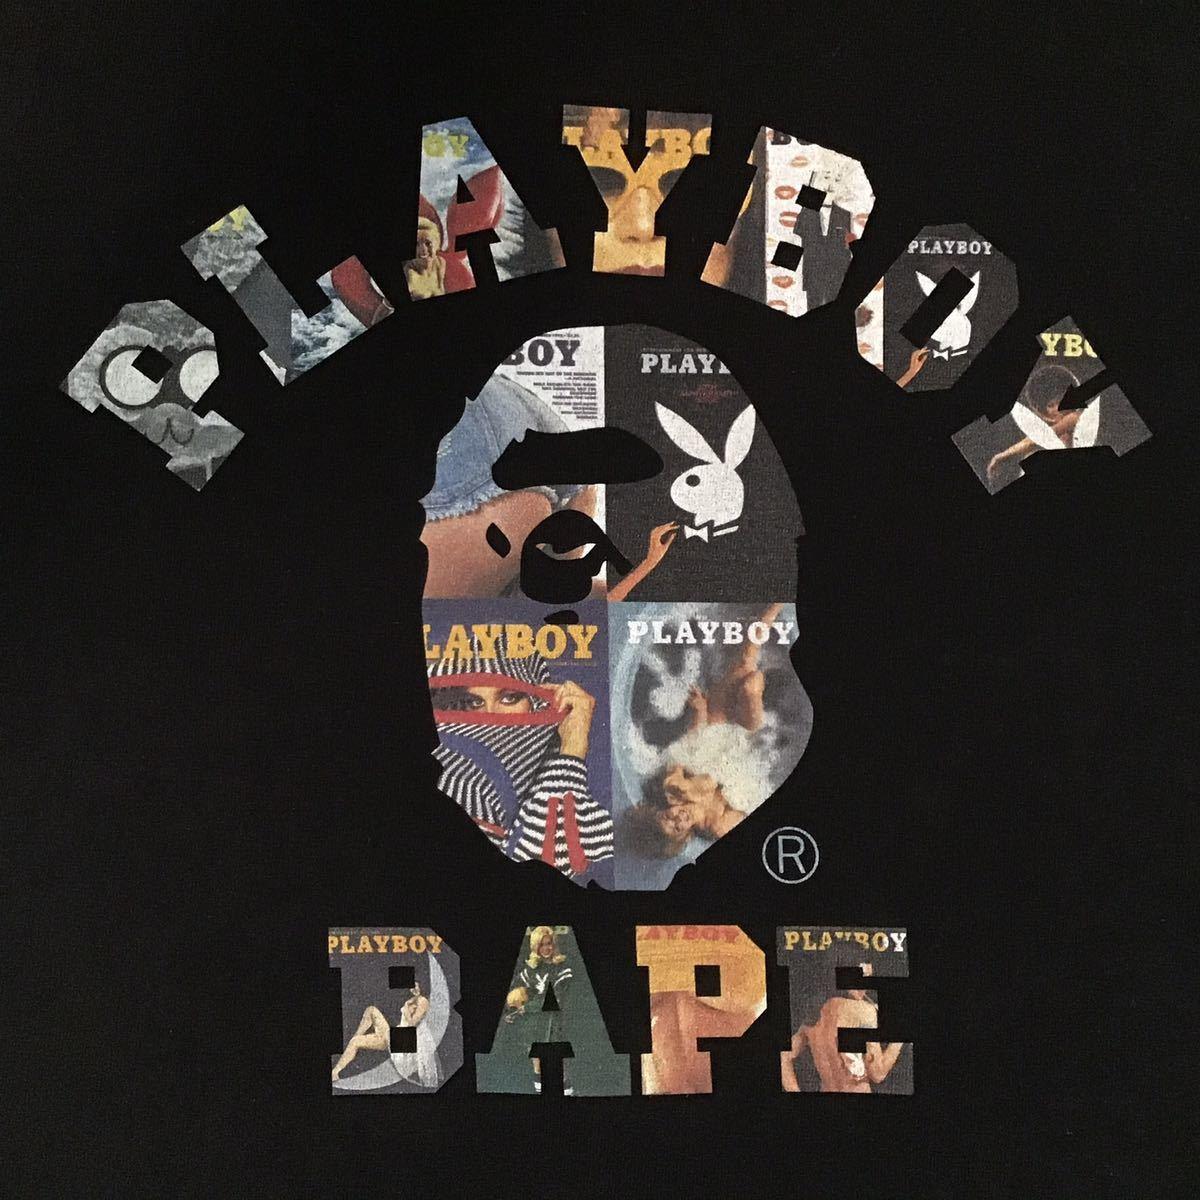 ★激レア★ PLAYBOY × BAPE カレッジロゴ Tシャツ Mサイズ a bathing ape プレイボーイ エイプ ベイプ アベイシングエイプ BAPE 32kk